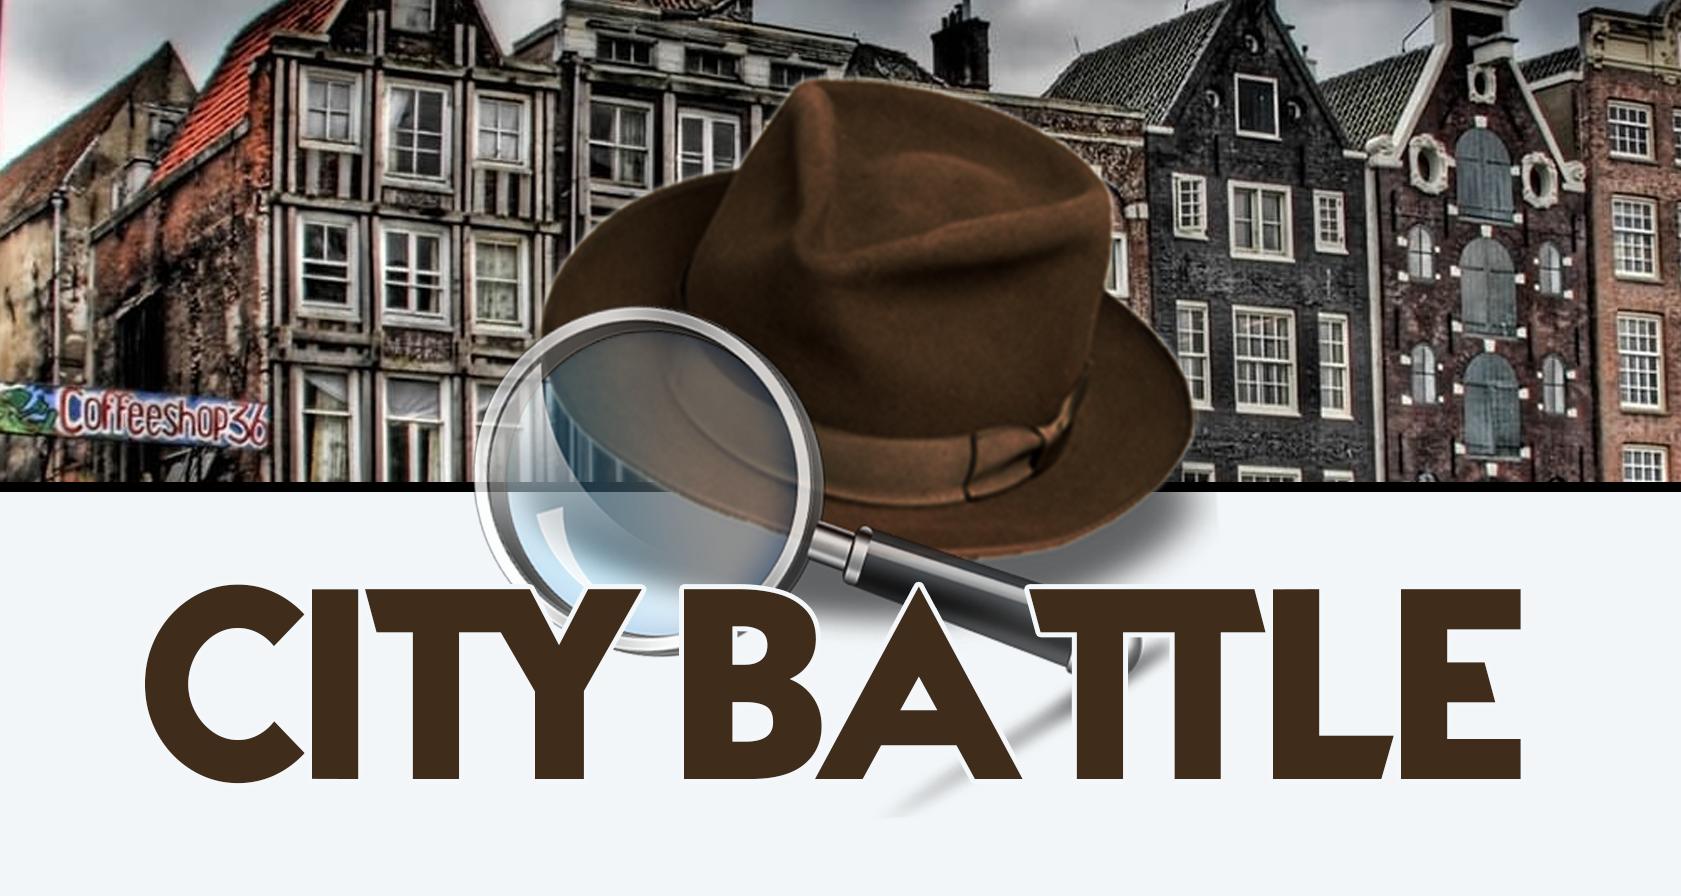 GPS City Battle Amsterdam Personeelsuitje